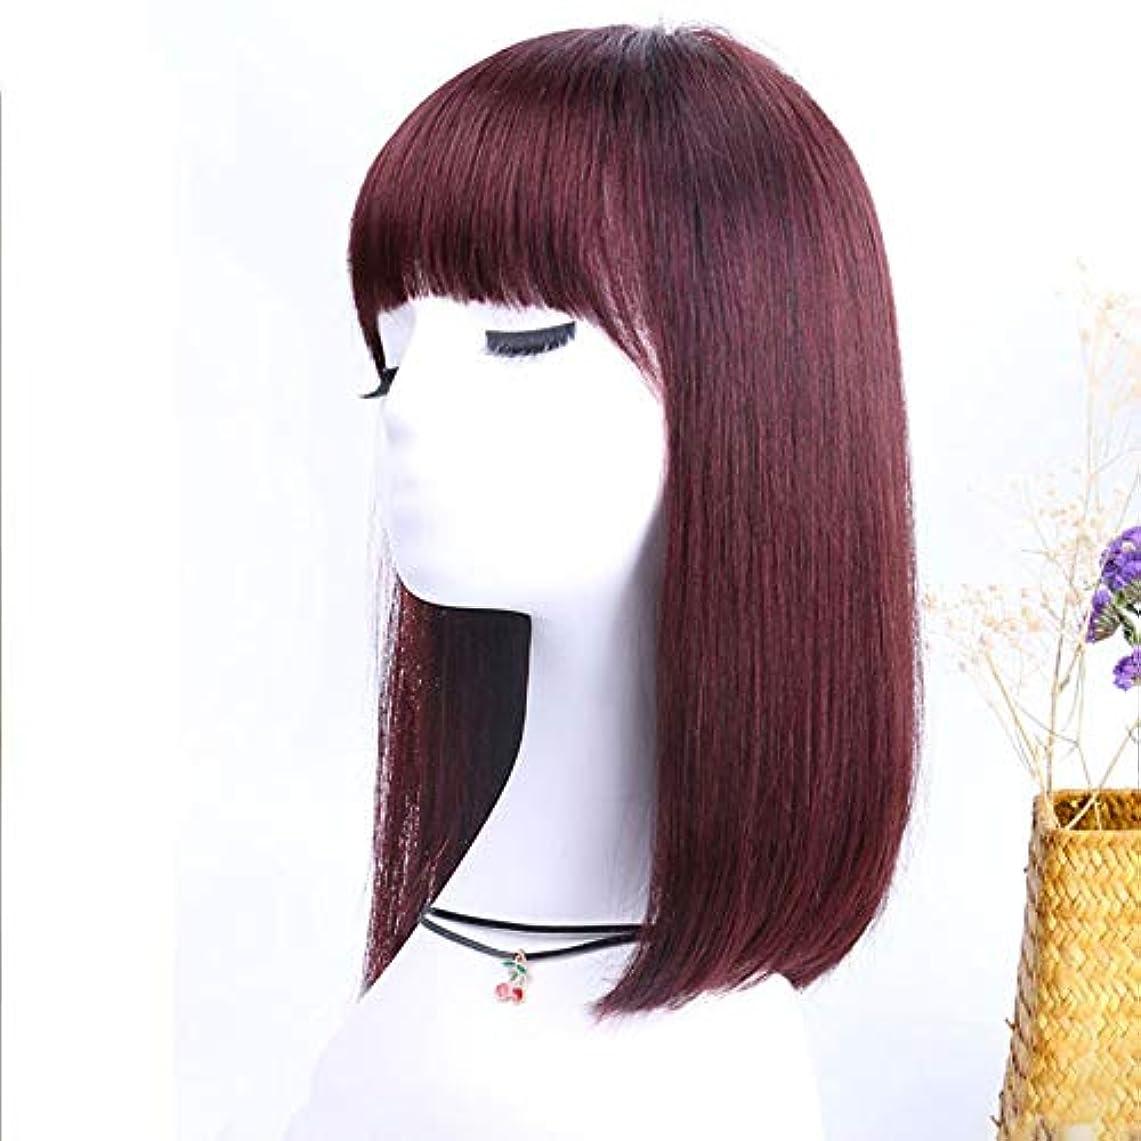 富複雑とげのあるYOUQIU 女性のパーティードレス毎日ウィッグのために本物の人間の髪の毛ボブウィッグショルダーストレート髪の内側にバックル梨ヘッド (色 : Dark brown)